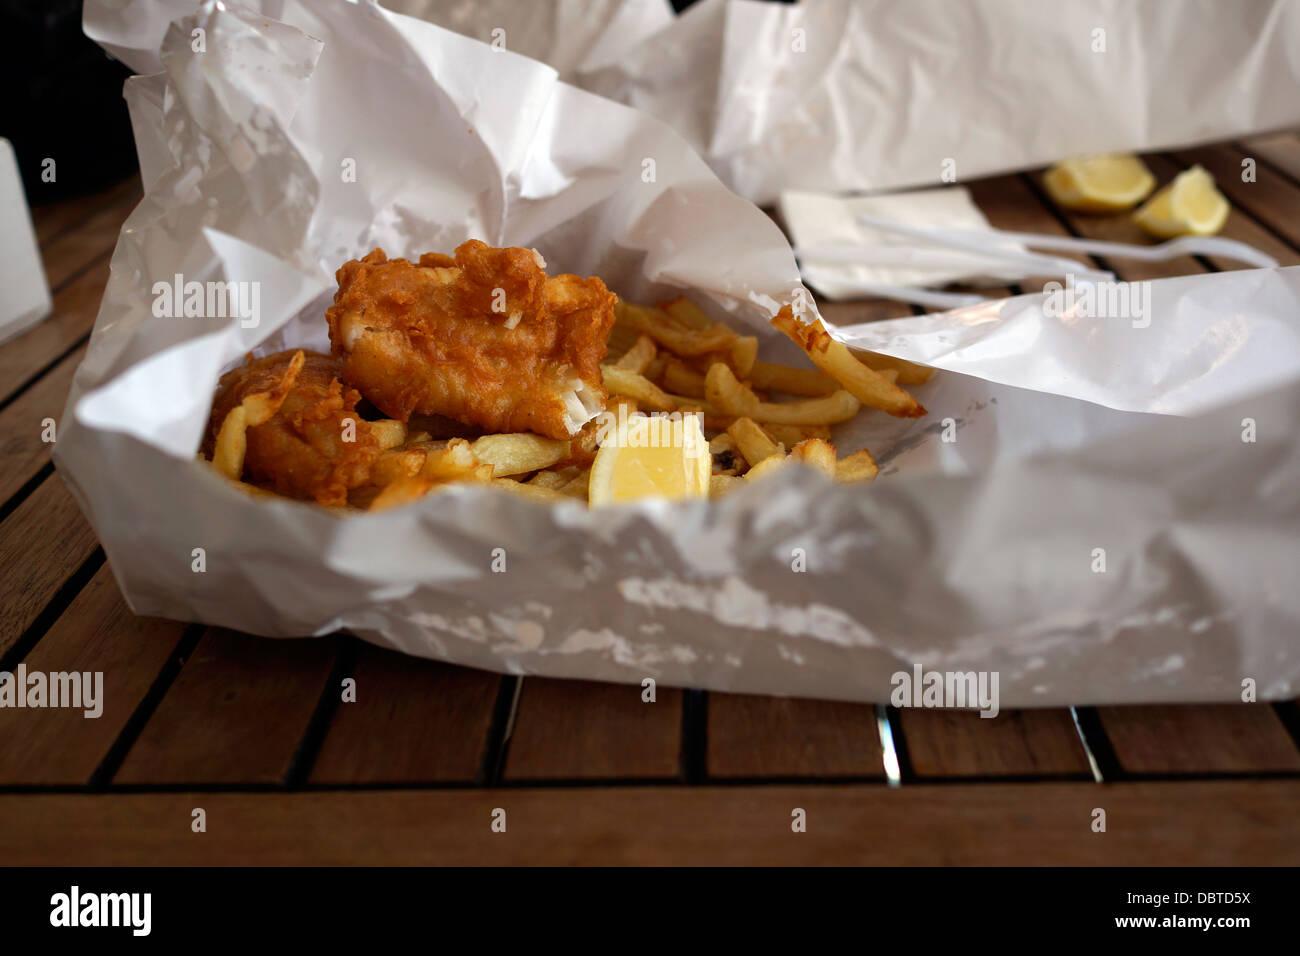 Pesce, patatine in involucro di carta dal ristorante a harbor Kalk Bay nei pressi di Città del Capo Immagini Stock